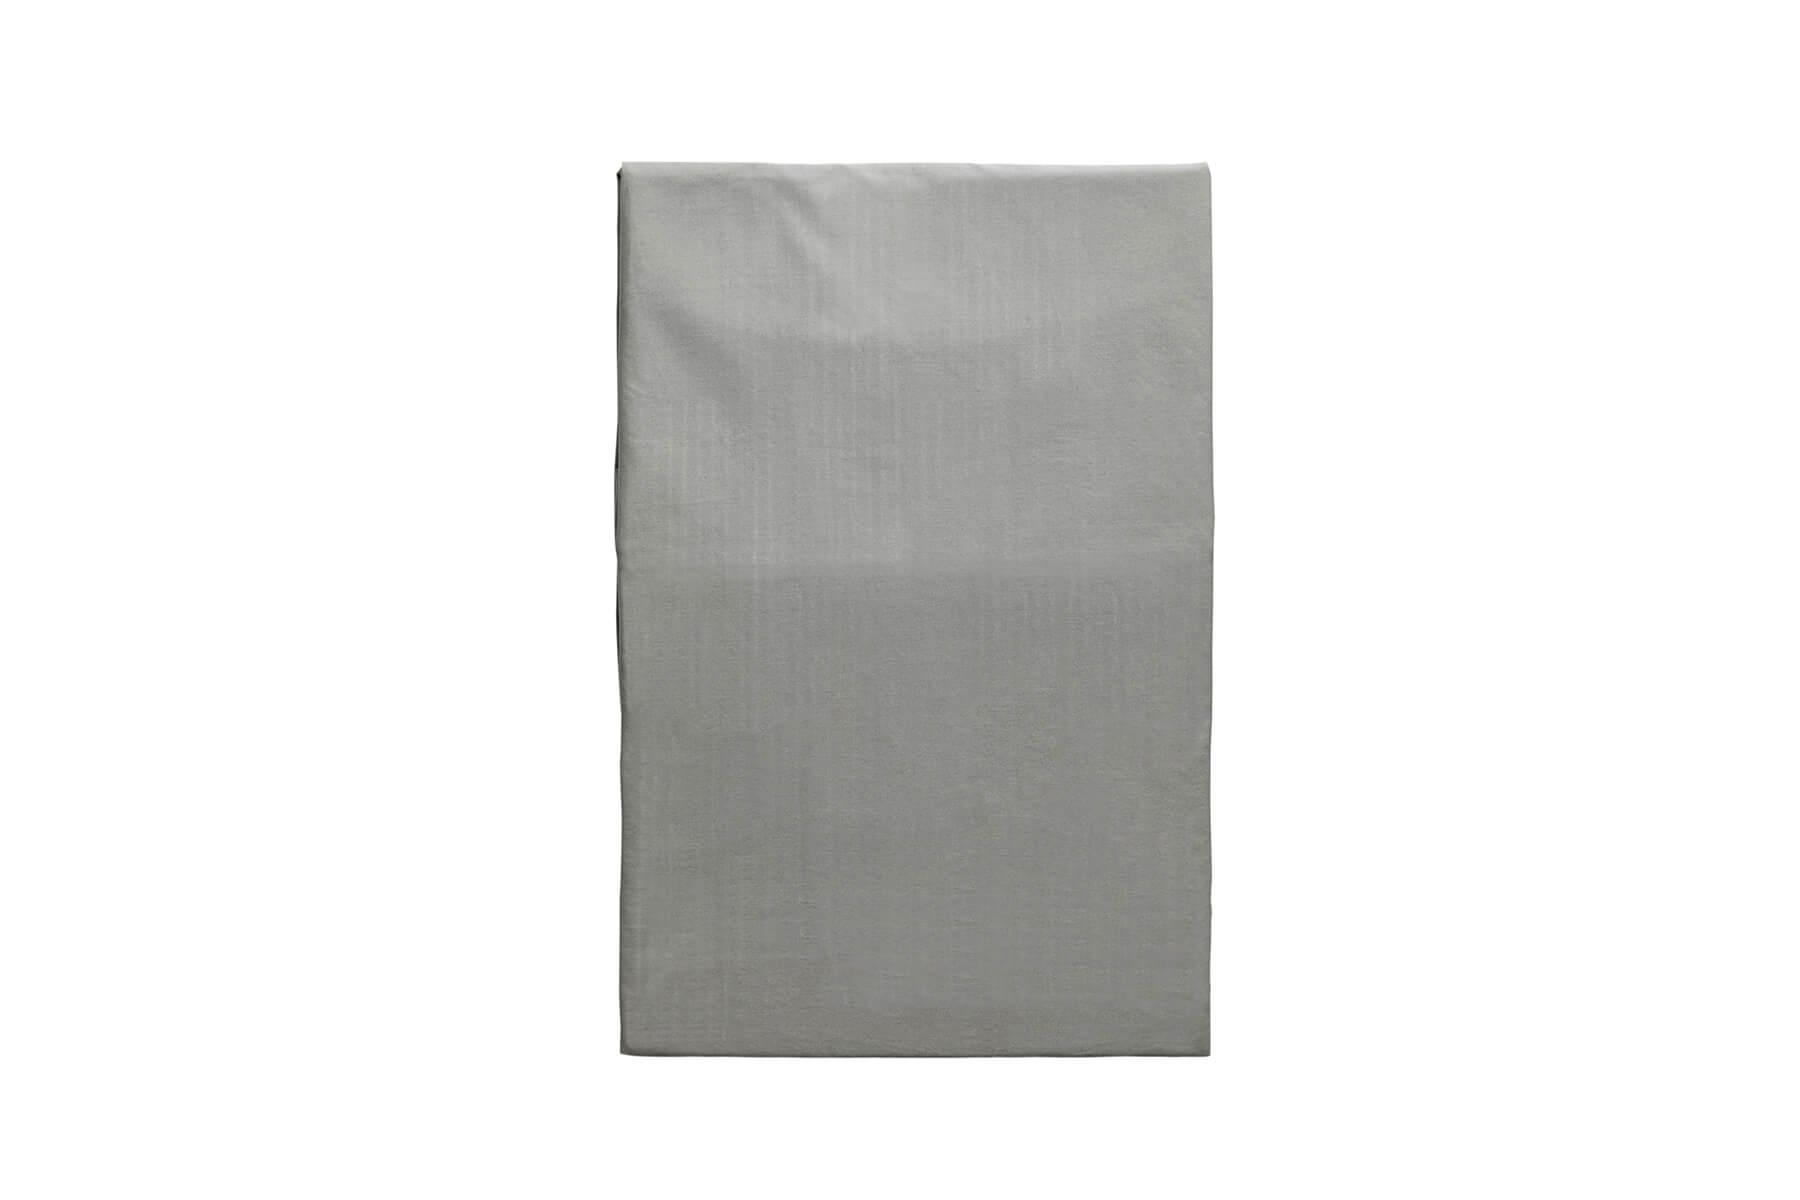 Køb Norhland kuvertlagen GrÃ¥ 90 x 200 cm